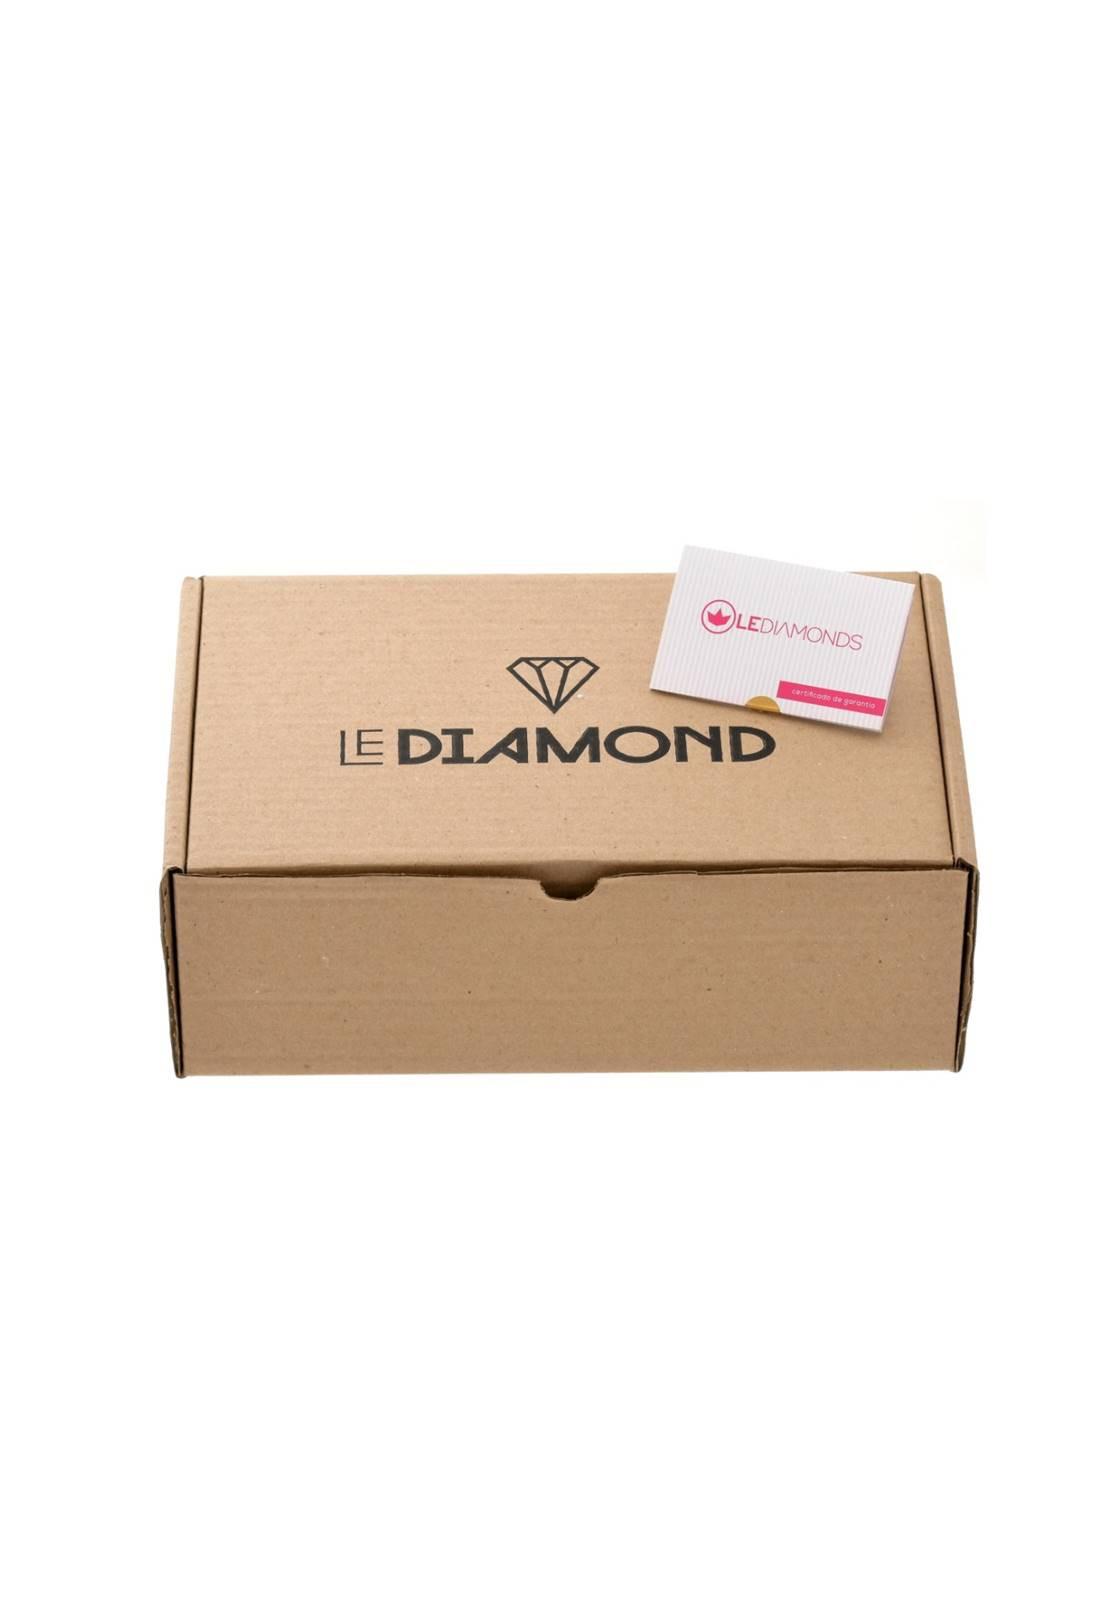 Brinco Le Diamond Argola com Bola de Cristal Caramelo